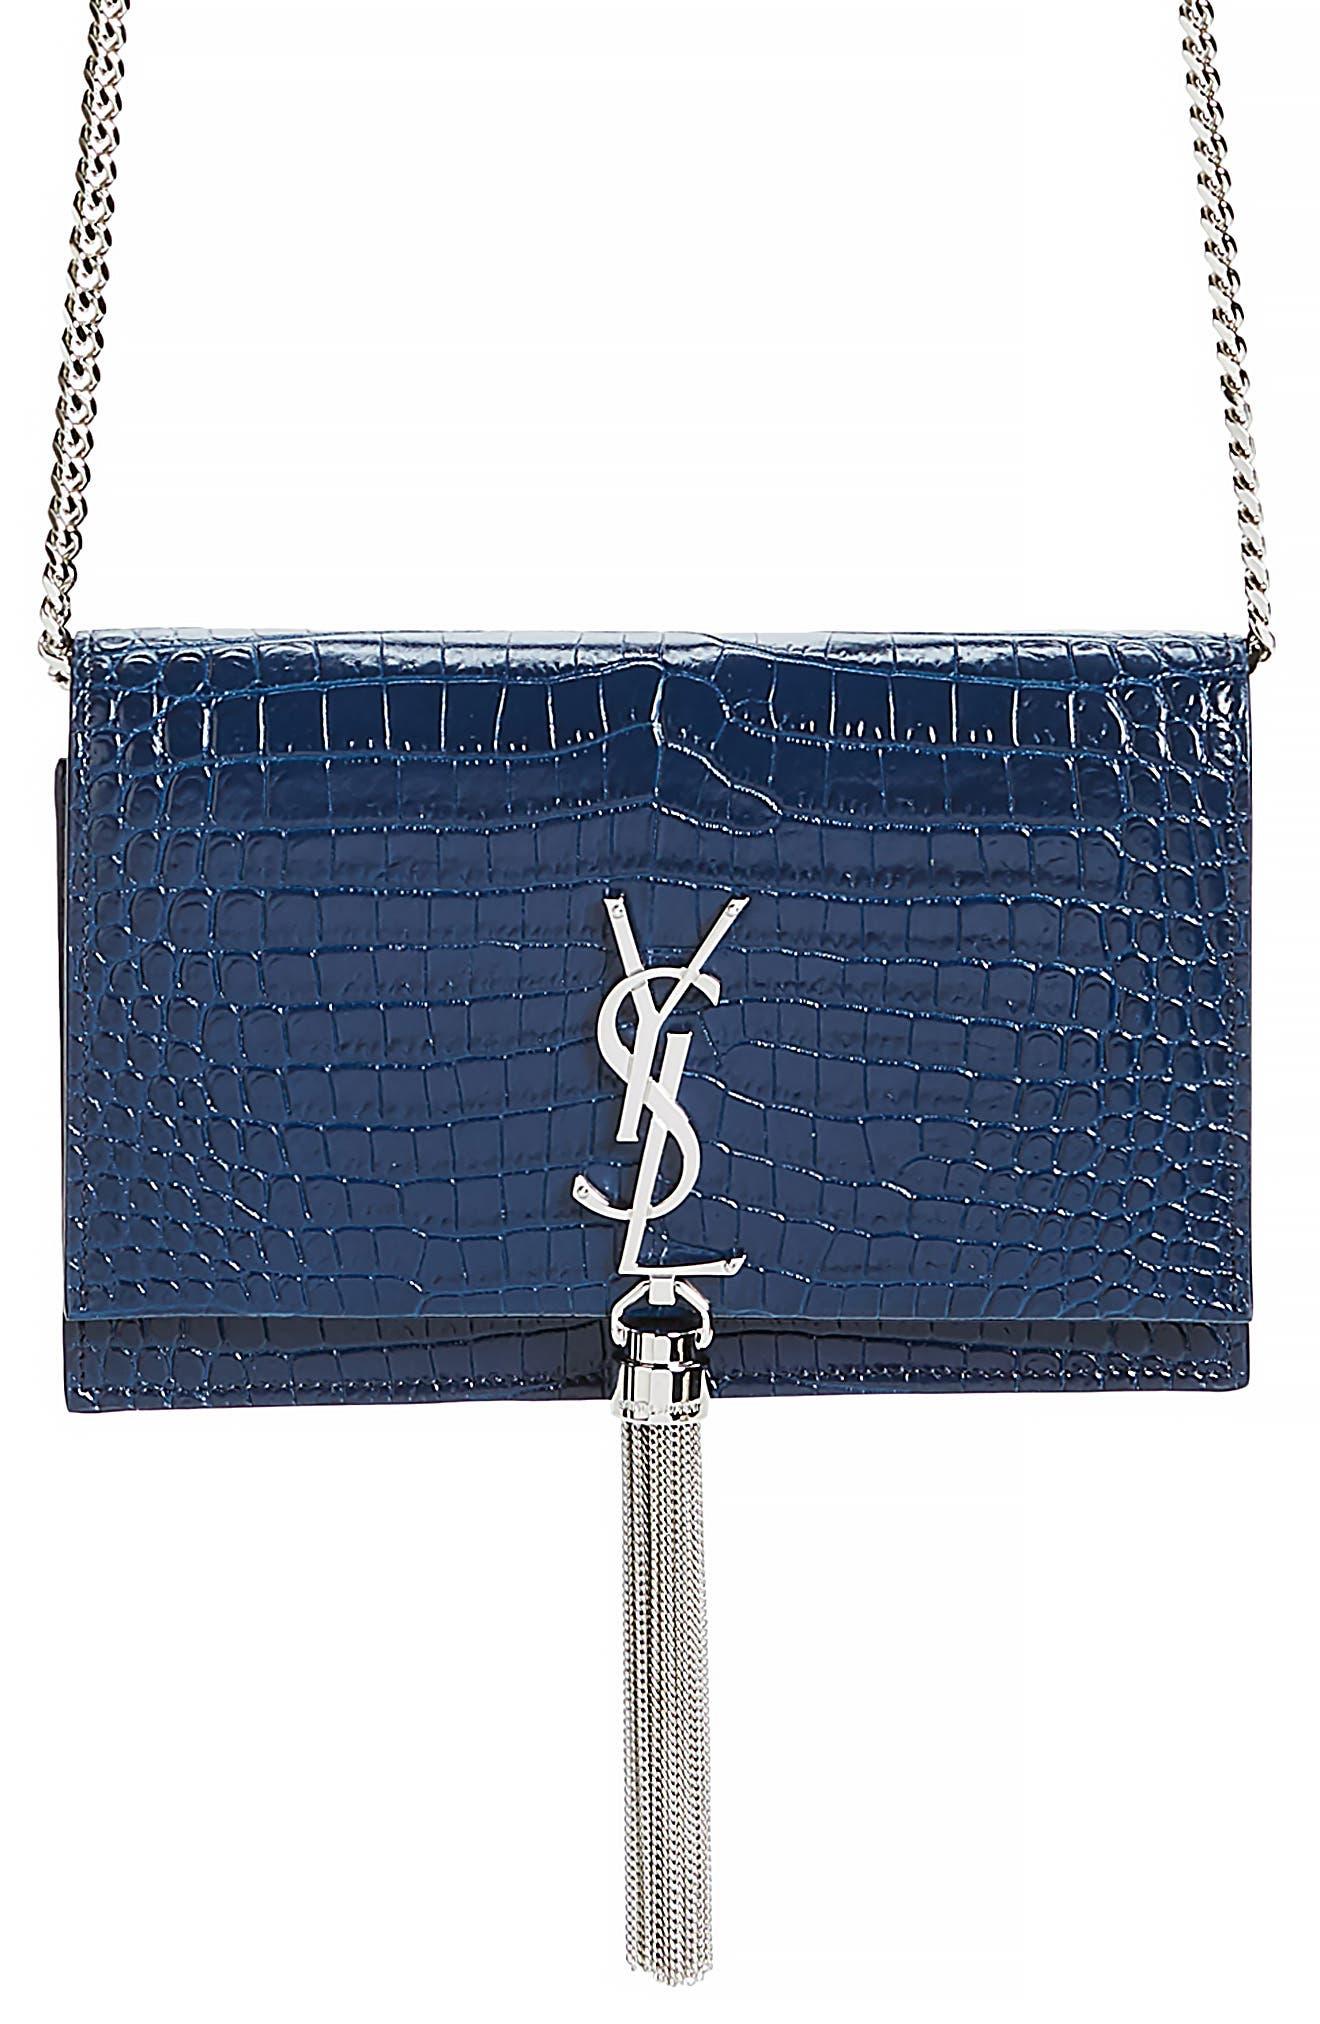 SAINT LAURENT Kate Croc Embossed Leather Wallet on a Chain, Main, color, DENIM BLUE/ DENIM BLUE